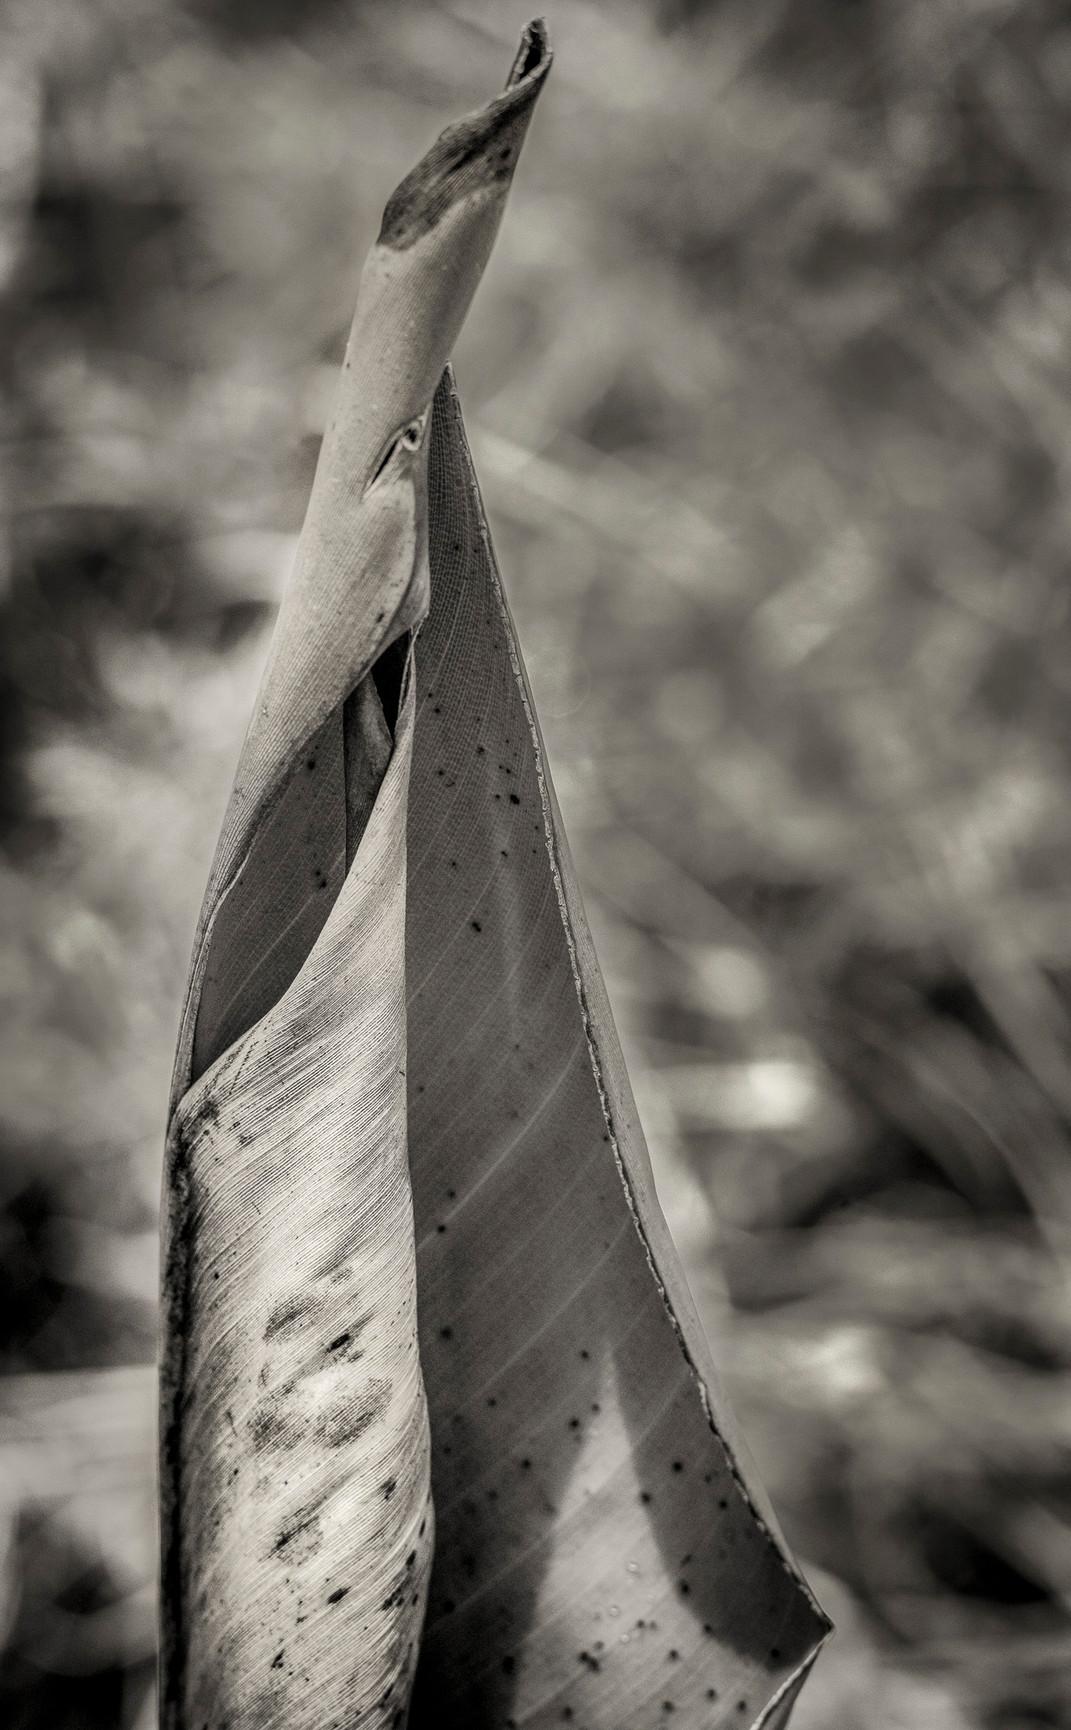 Siddho-Photography-nature-BW-15.jpg